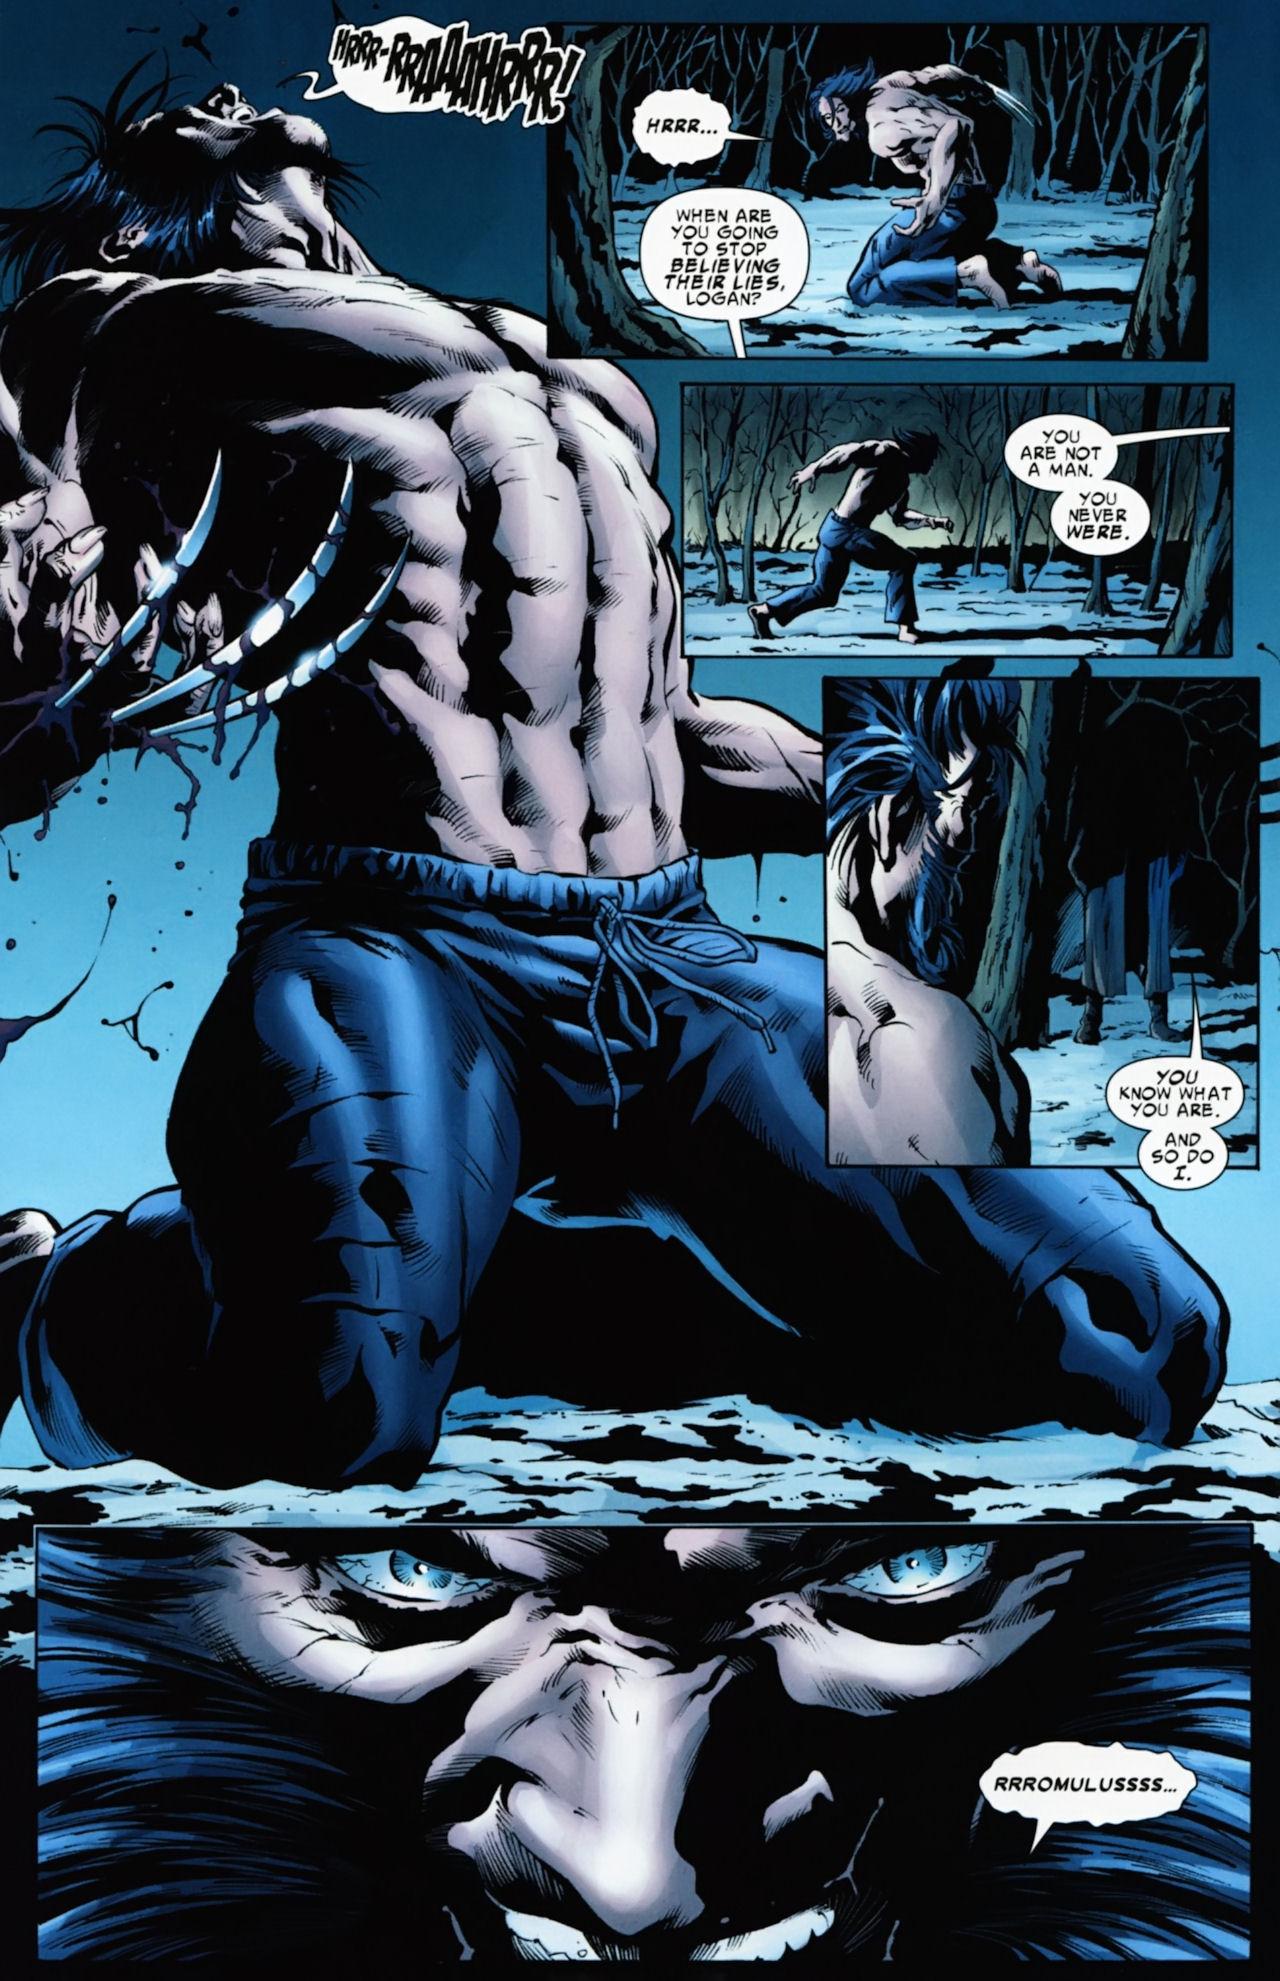 Read online Wolverine: Origins comic -  Issue #49 - 20